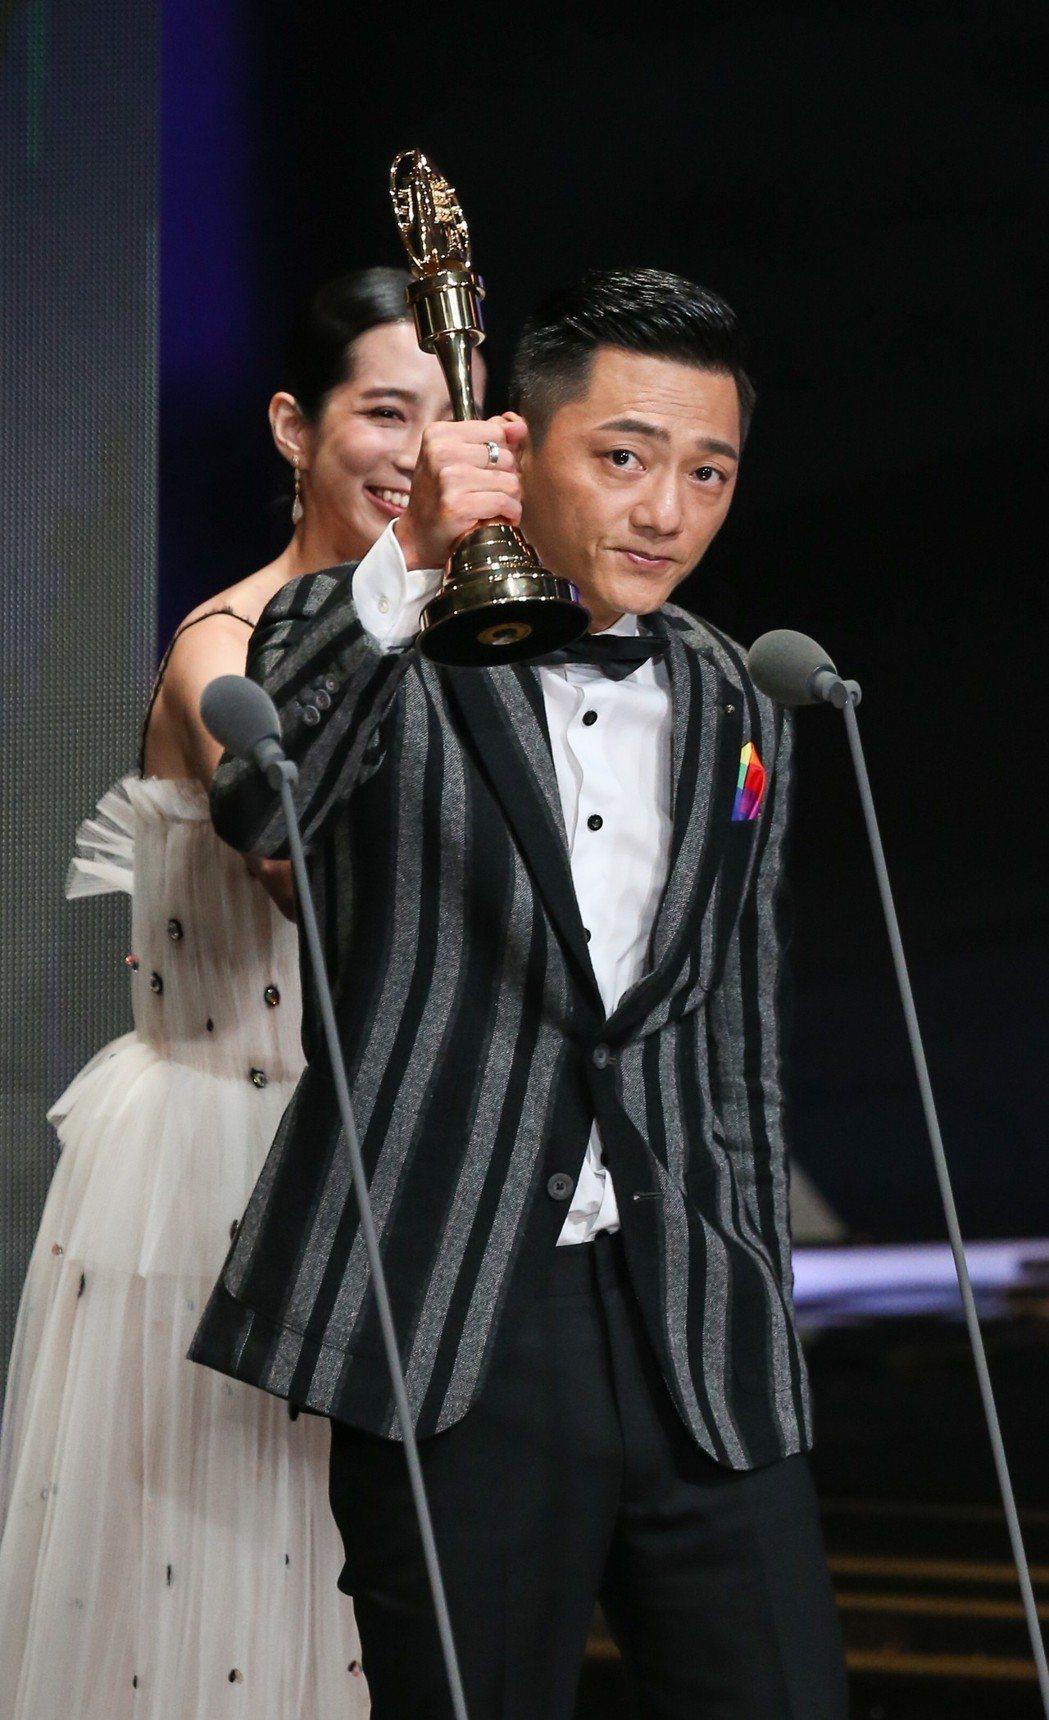 藍葦華獲迷你劇集(電視電影)男主角獎。記者林澔一/攝影